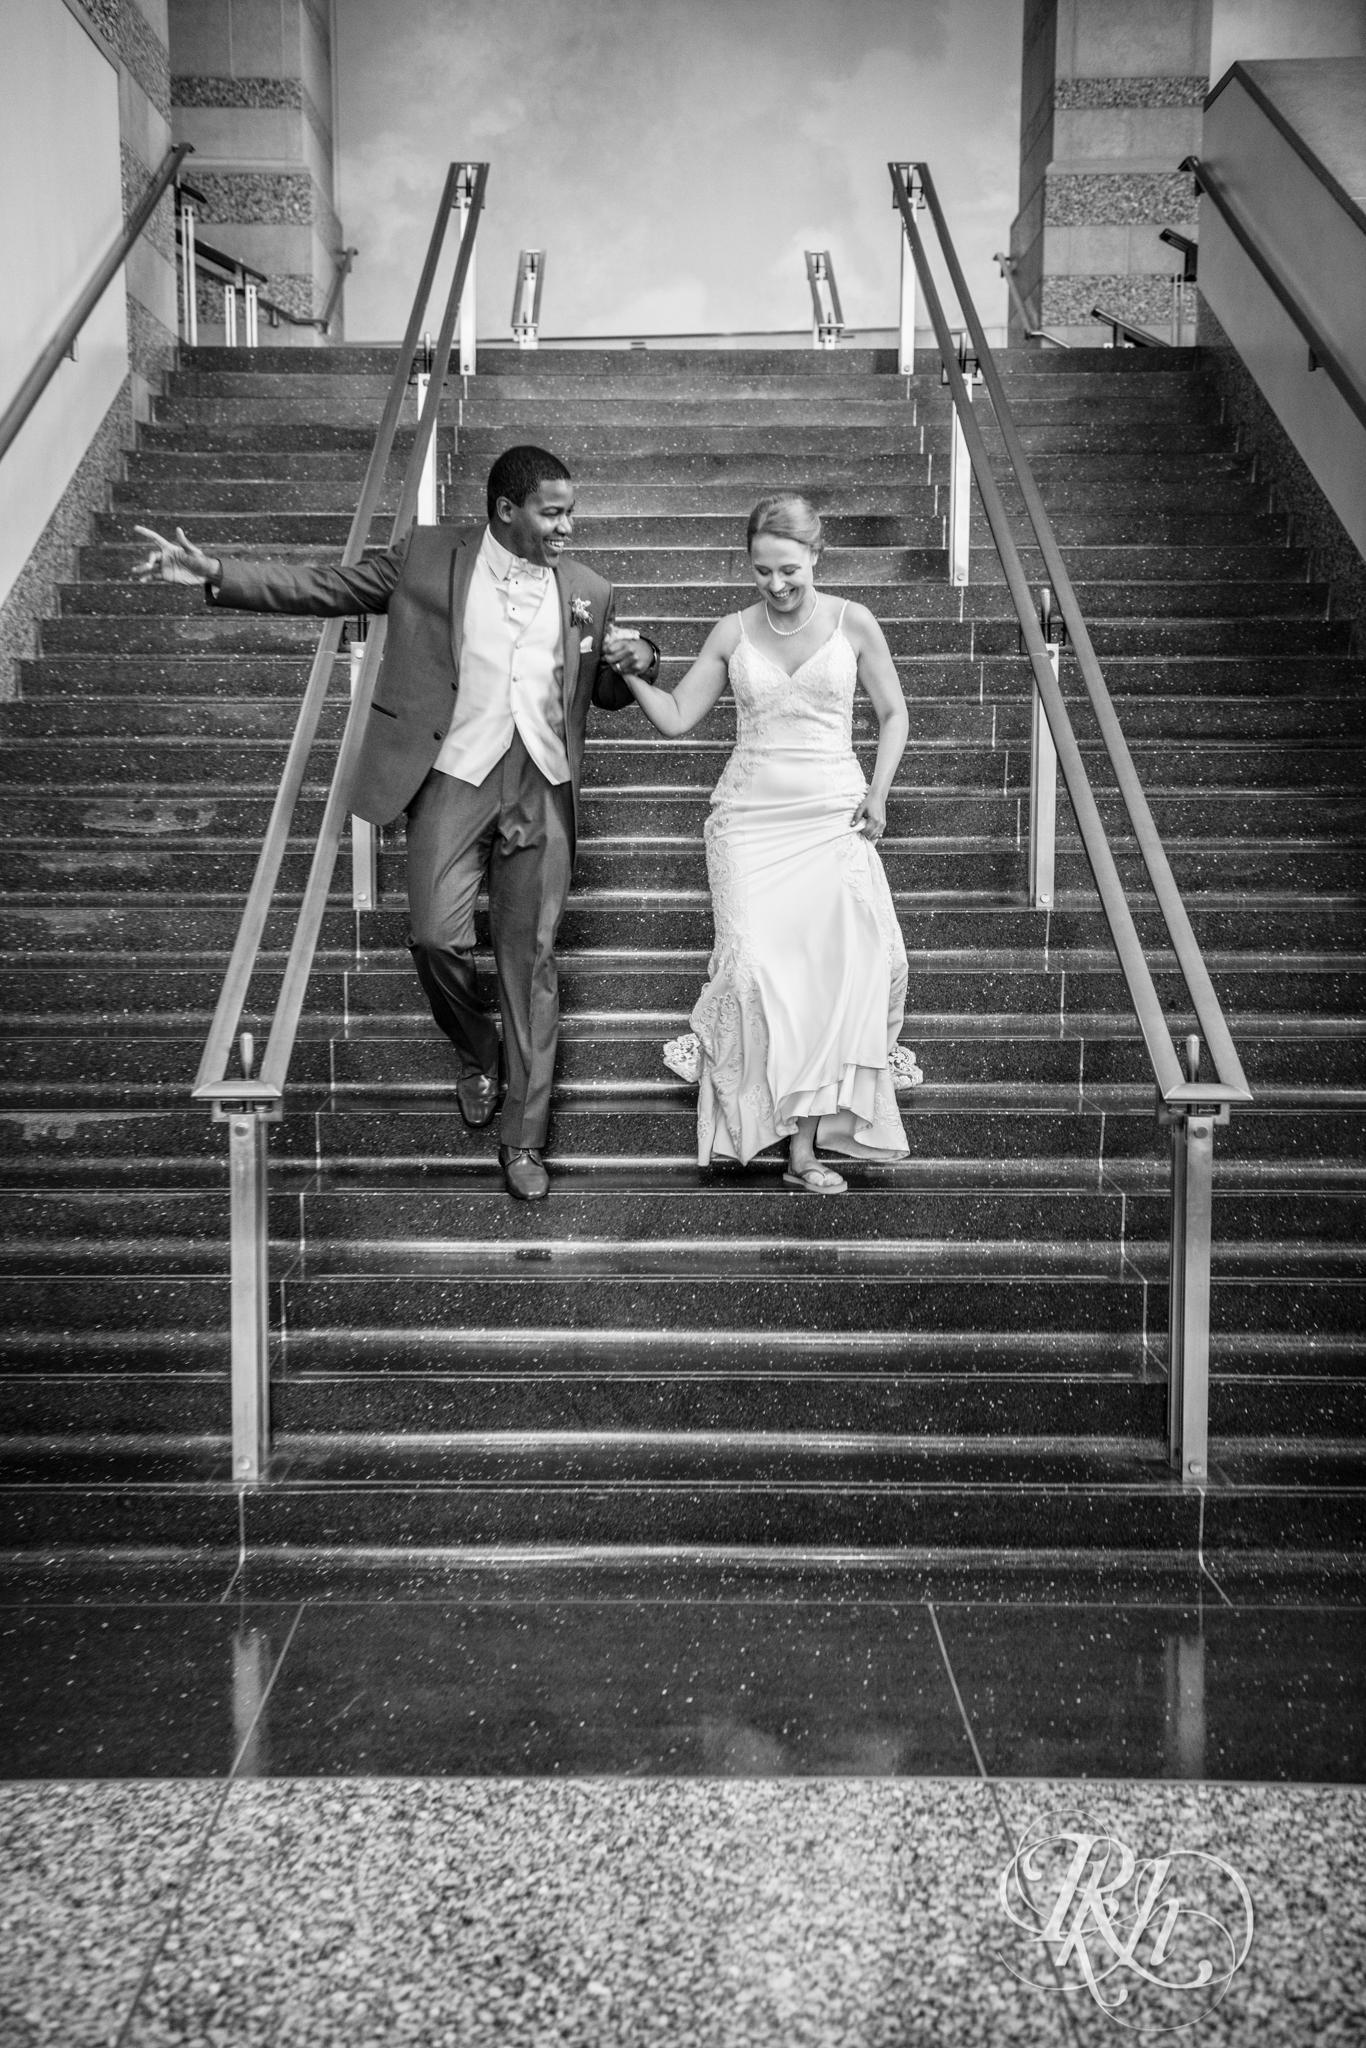 Laura and Adekunle - Minnesota Wedding Photographer - Minnesota History Center - RKH Images - Blog (55 of 75).jpg